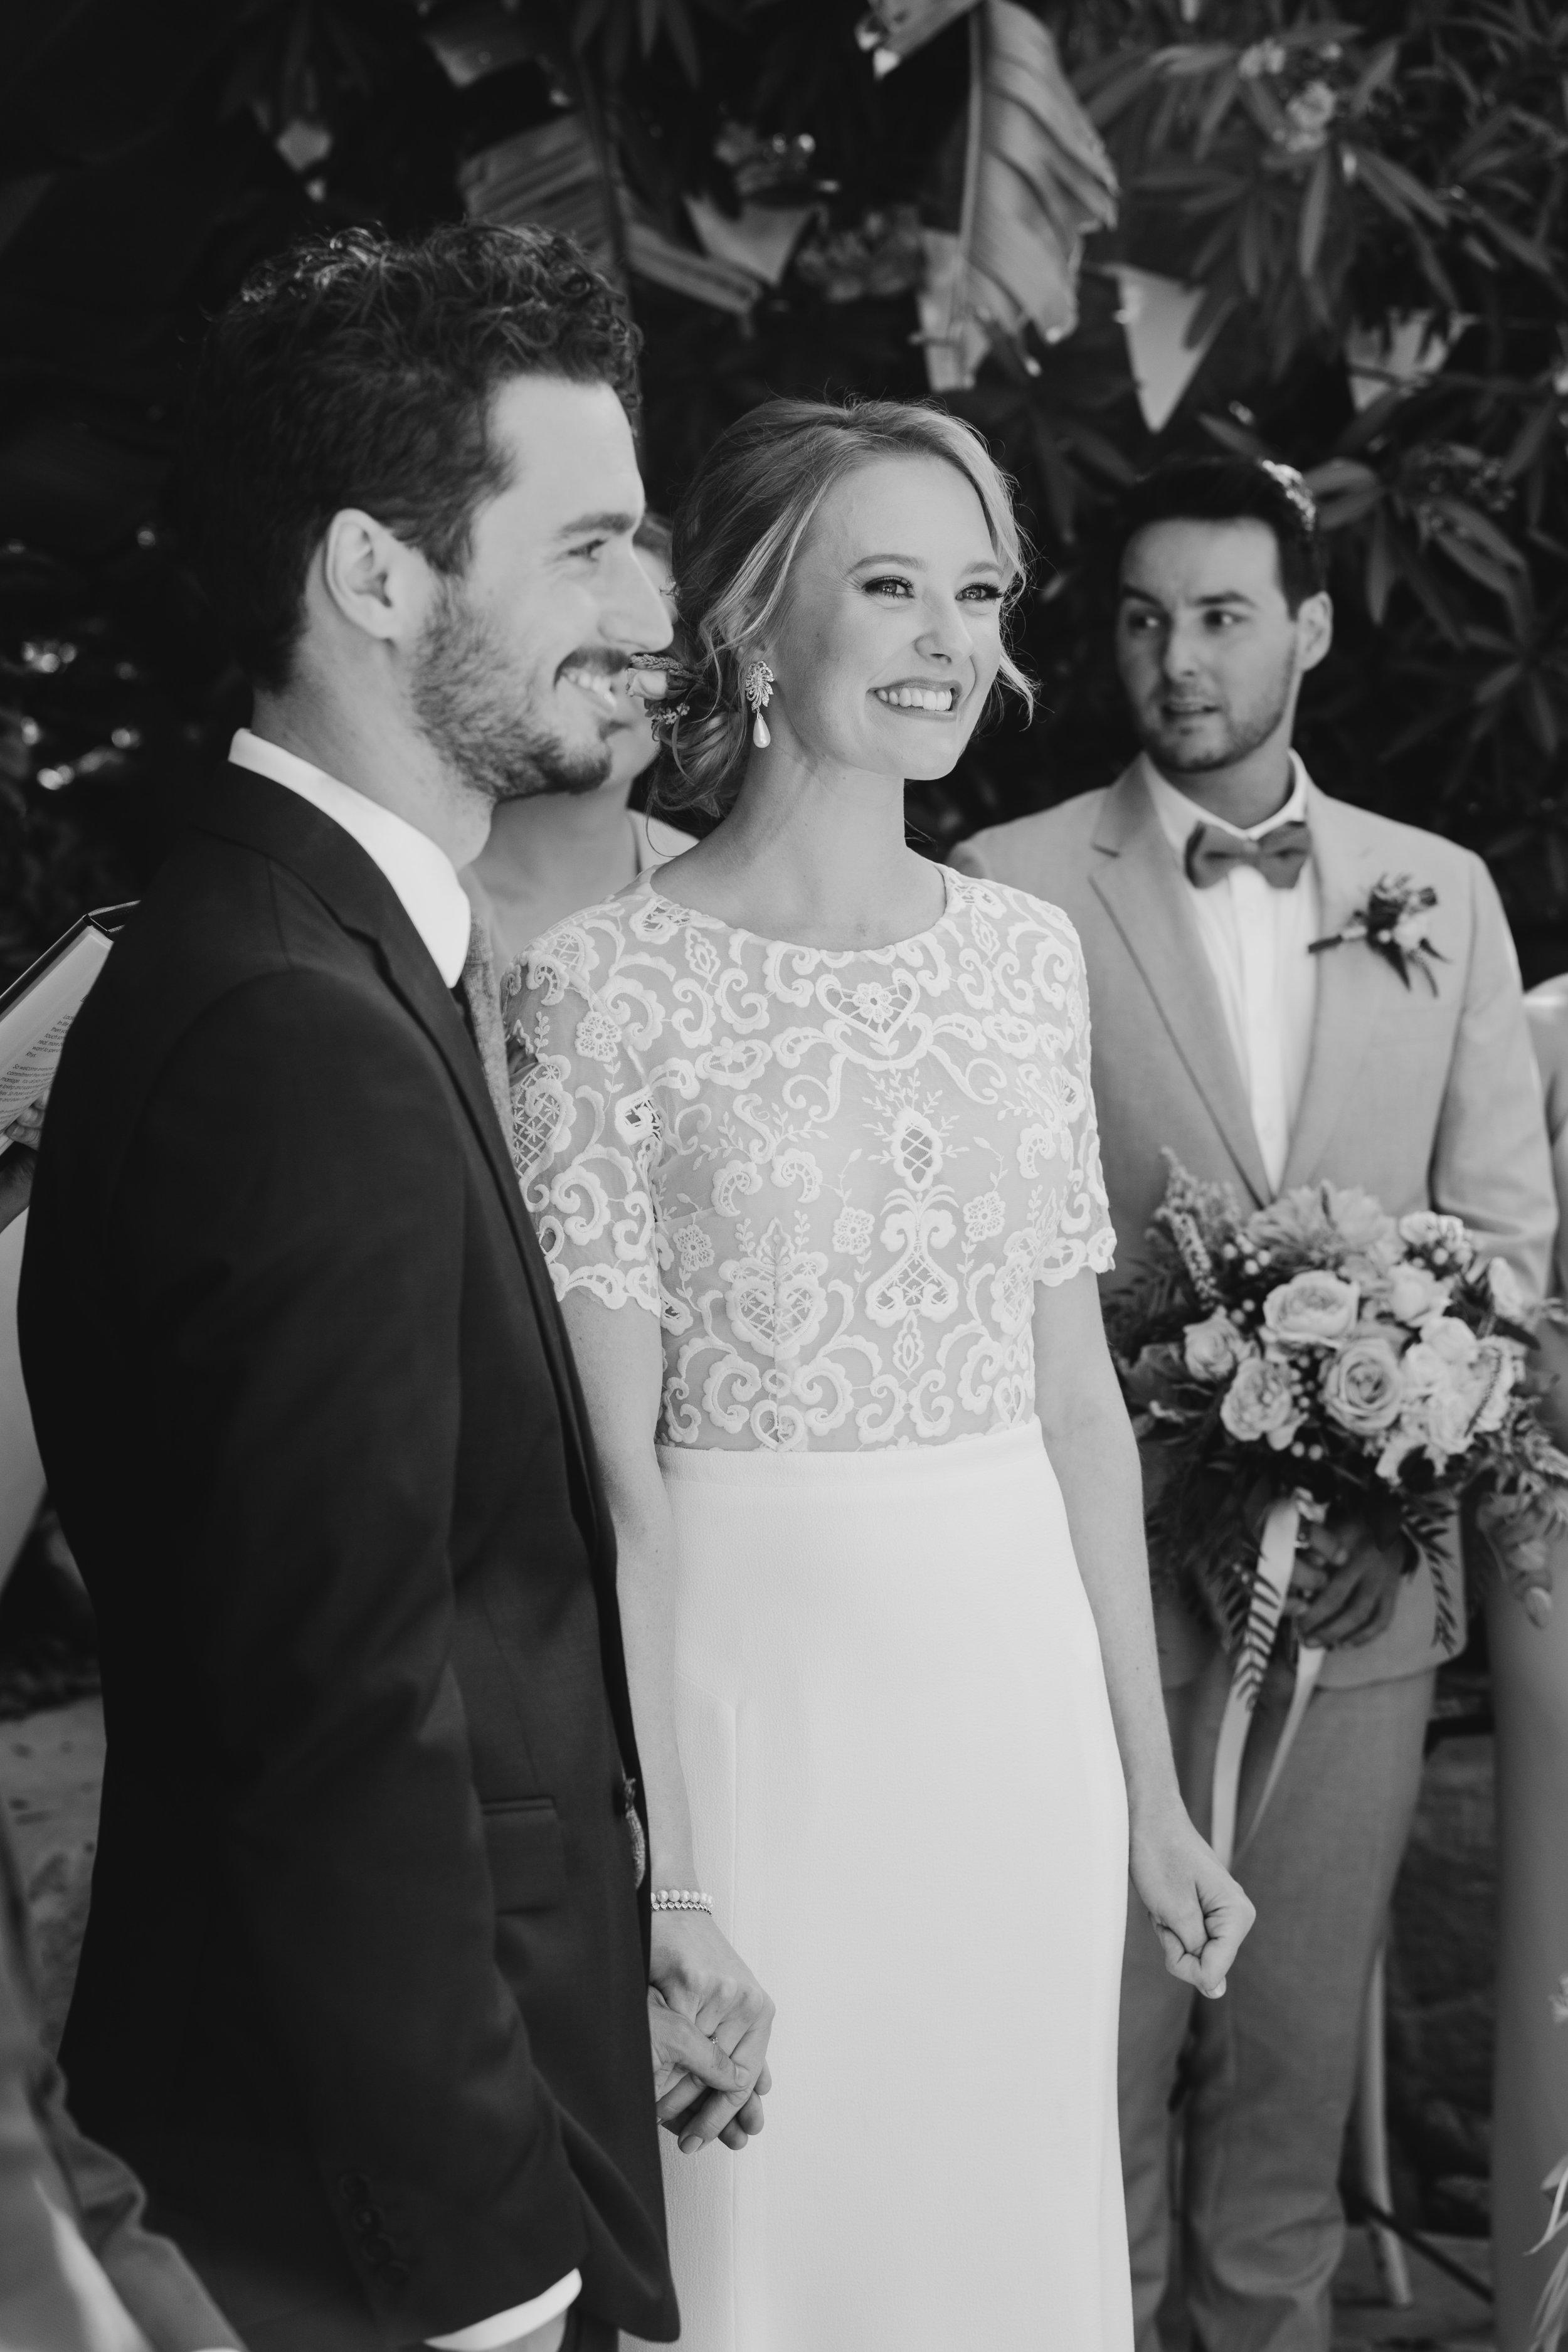 rhys paige tanyaa anic bridal photos by jessie ann R+P-121.jpg